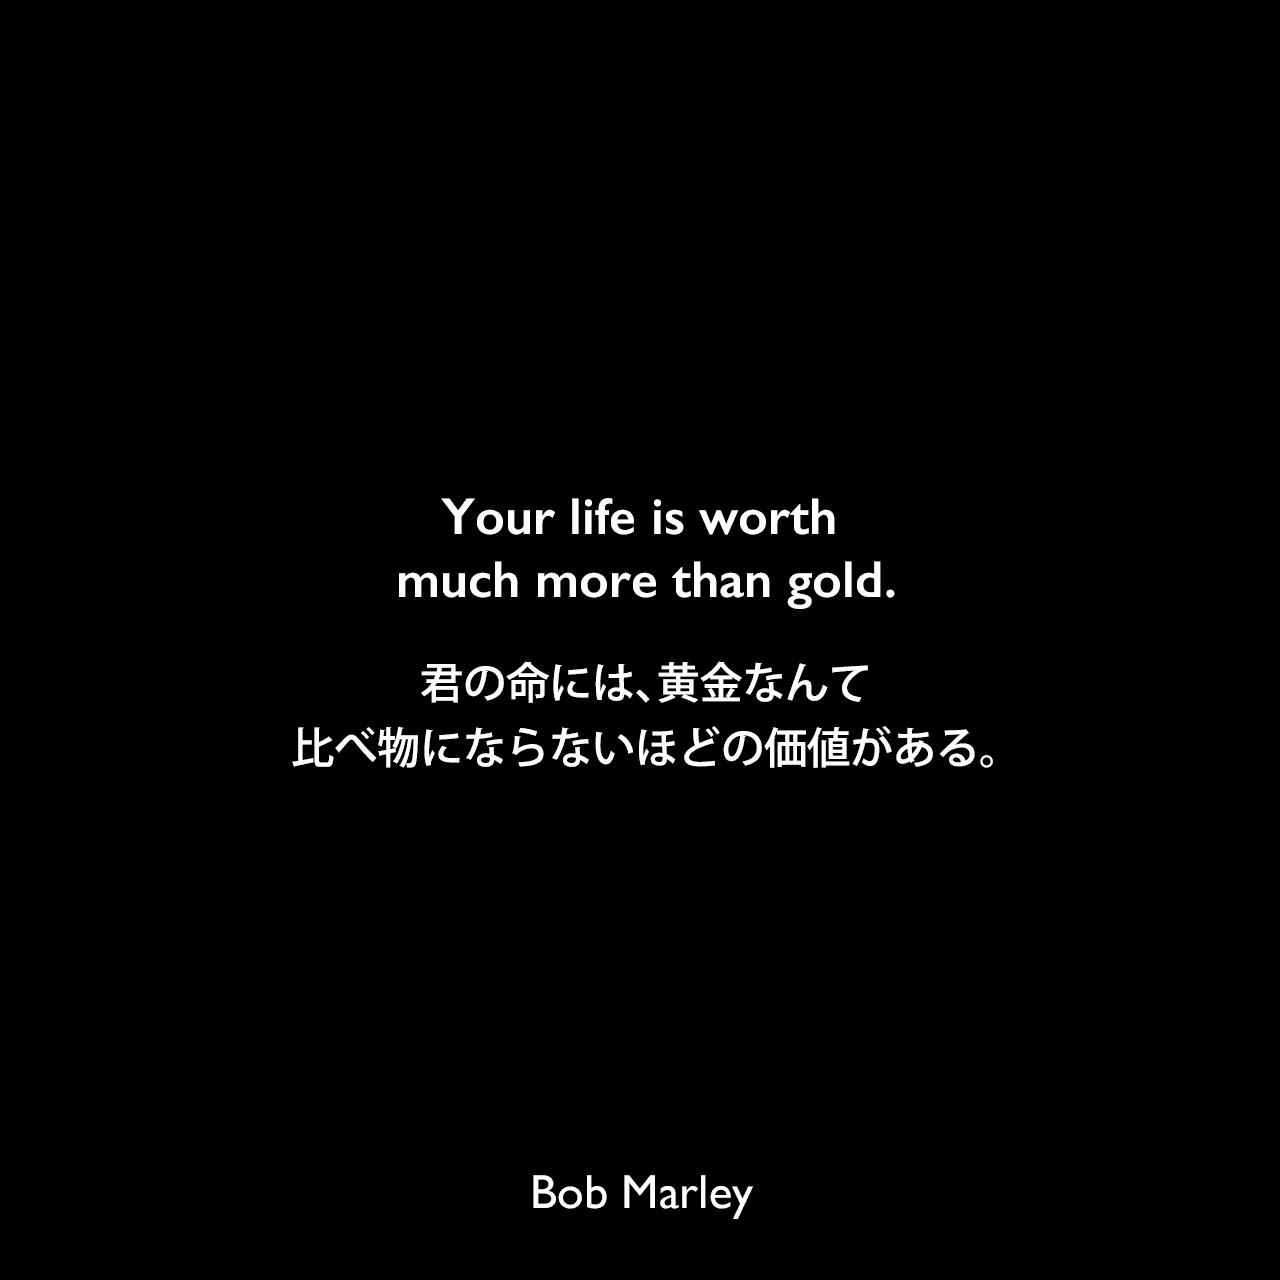 Your life is worth much more than gold.君の命には、黄金なんて比べ物にならないほどの価値がある。